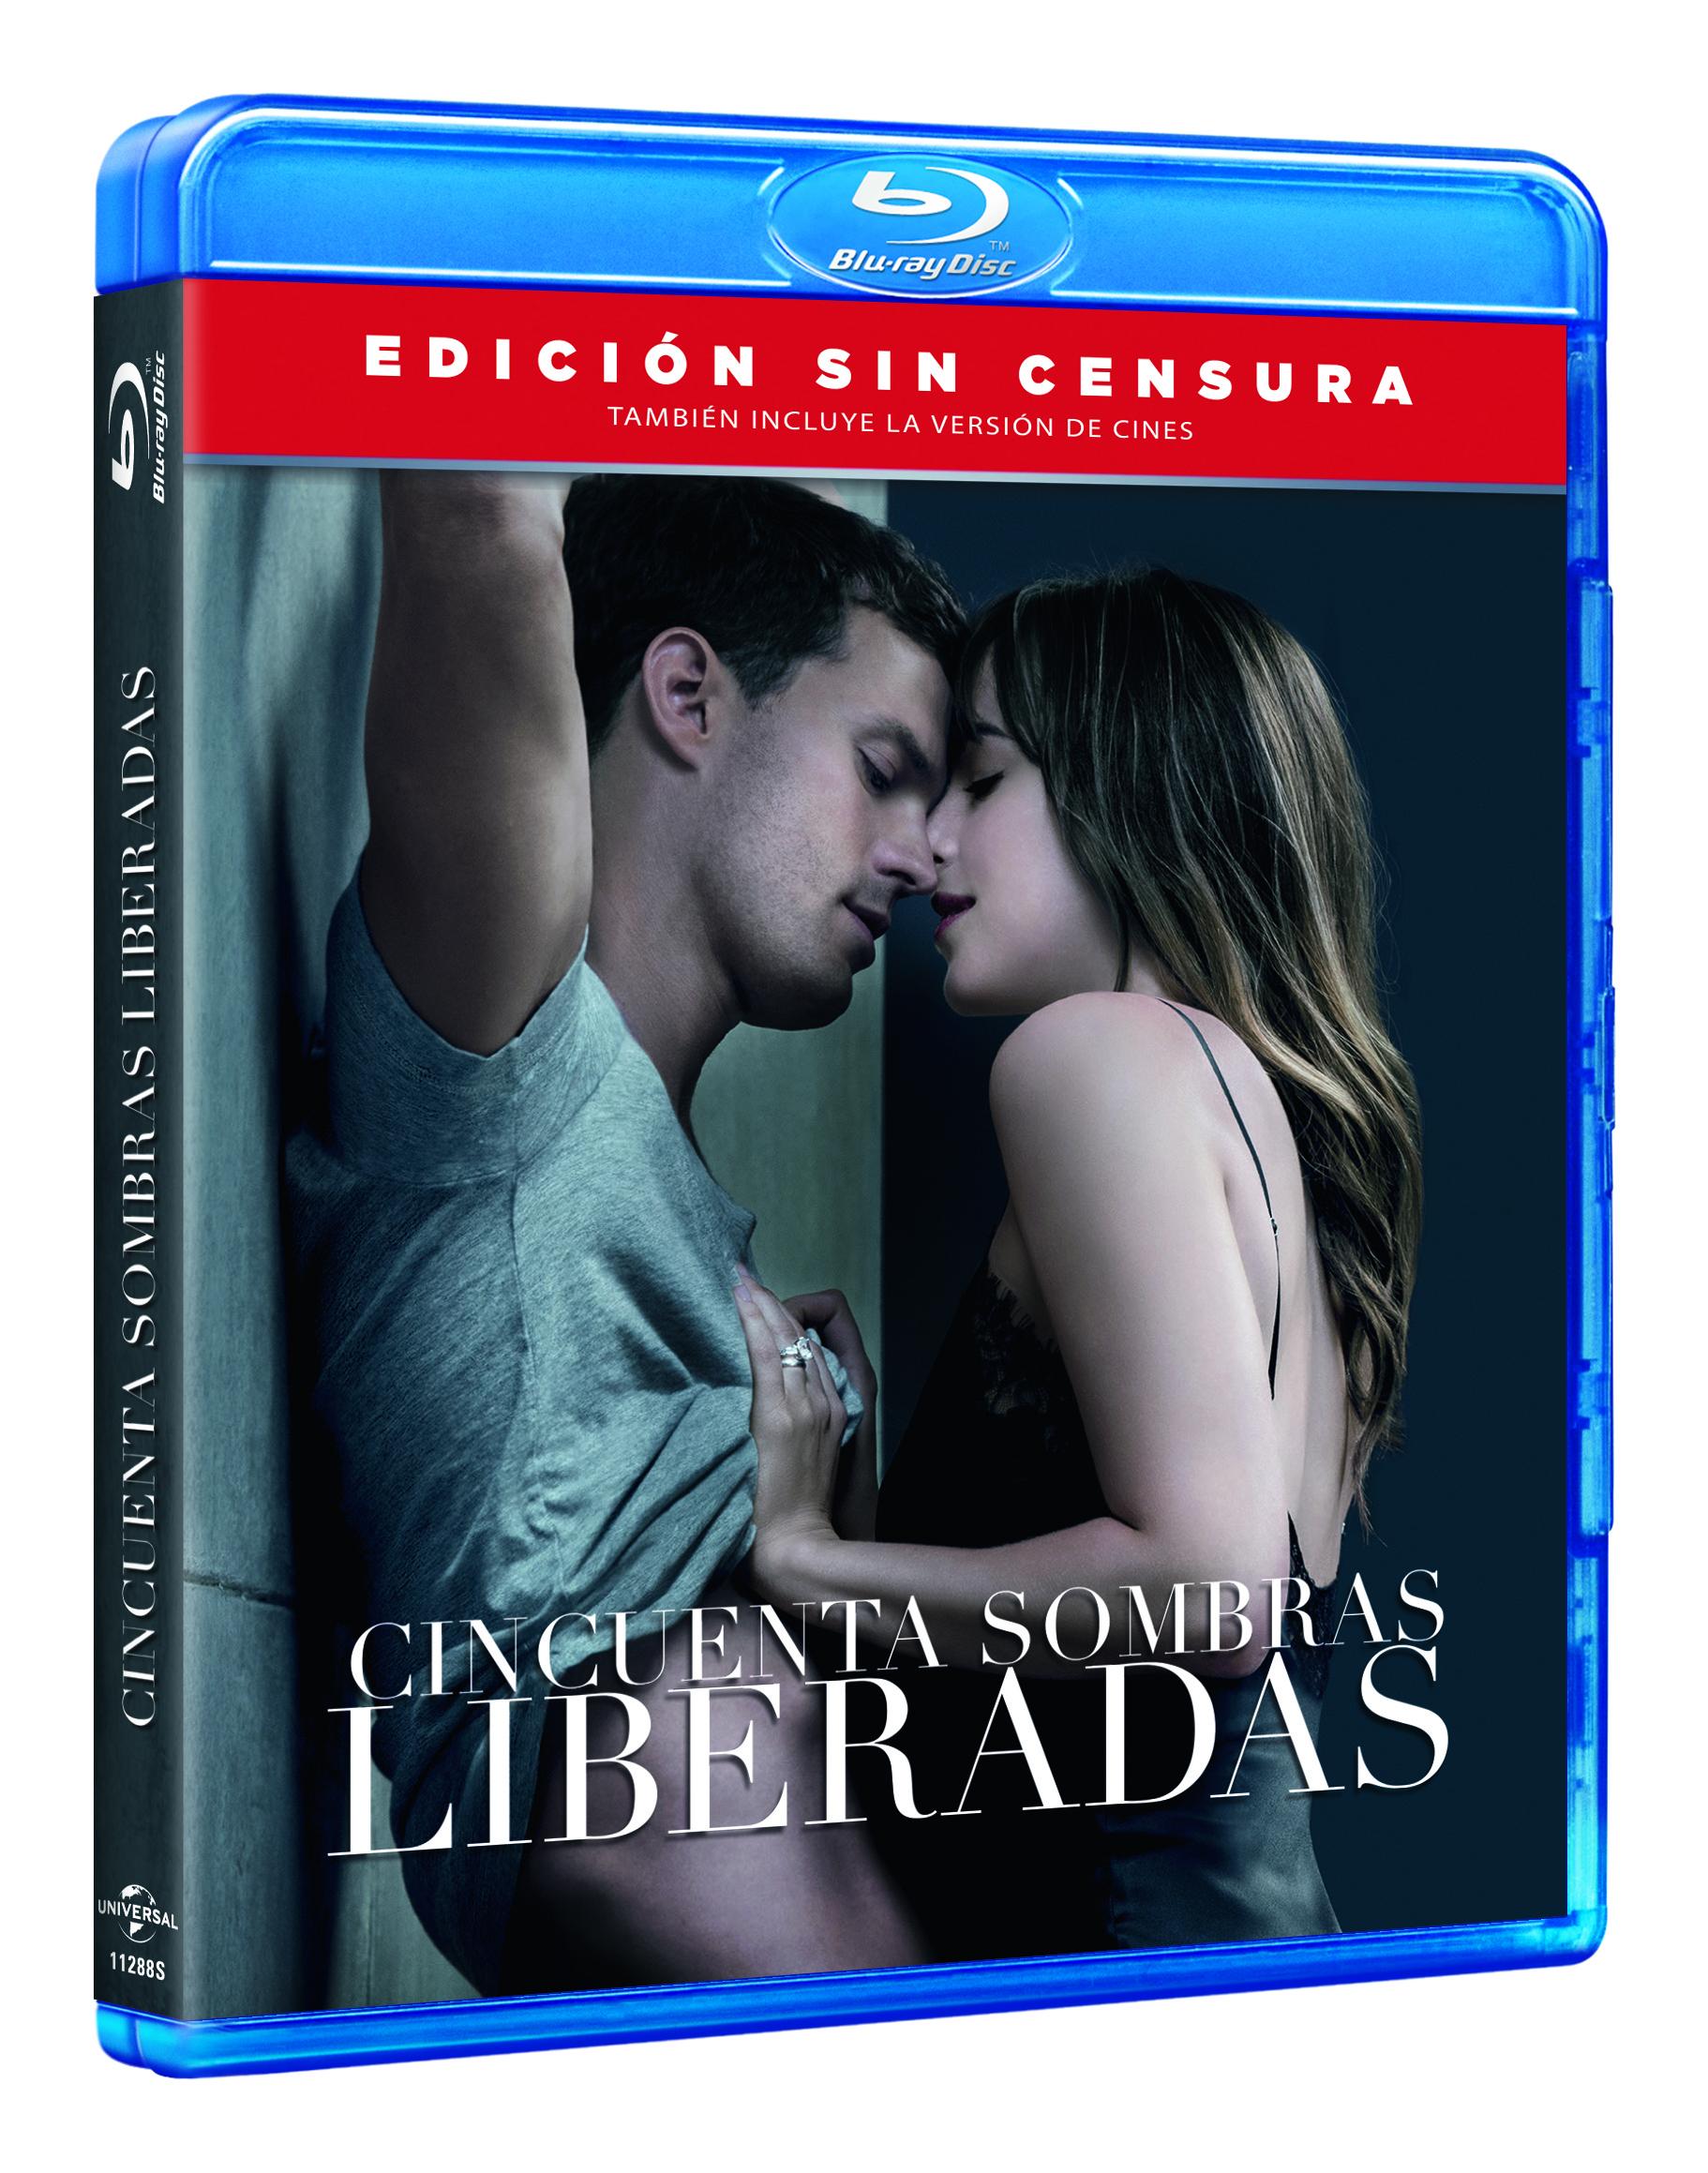 'Cincuenta sombras liberadas' llegará en 4K, Steelbook, Blu-ray y Dvd el 6 de junio • En tu pantalla